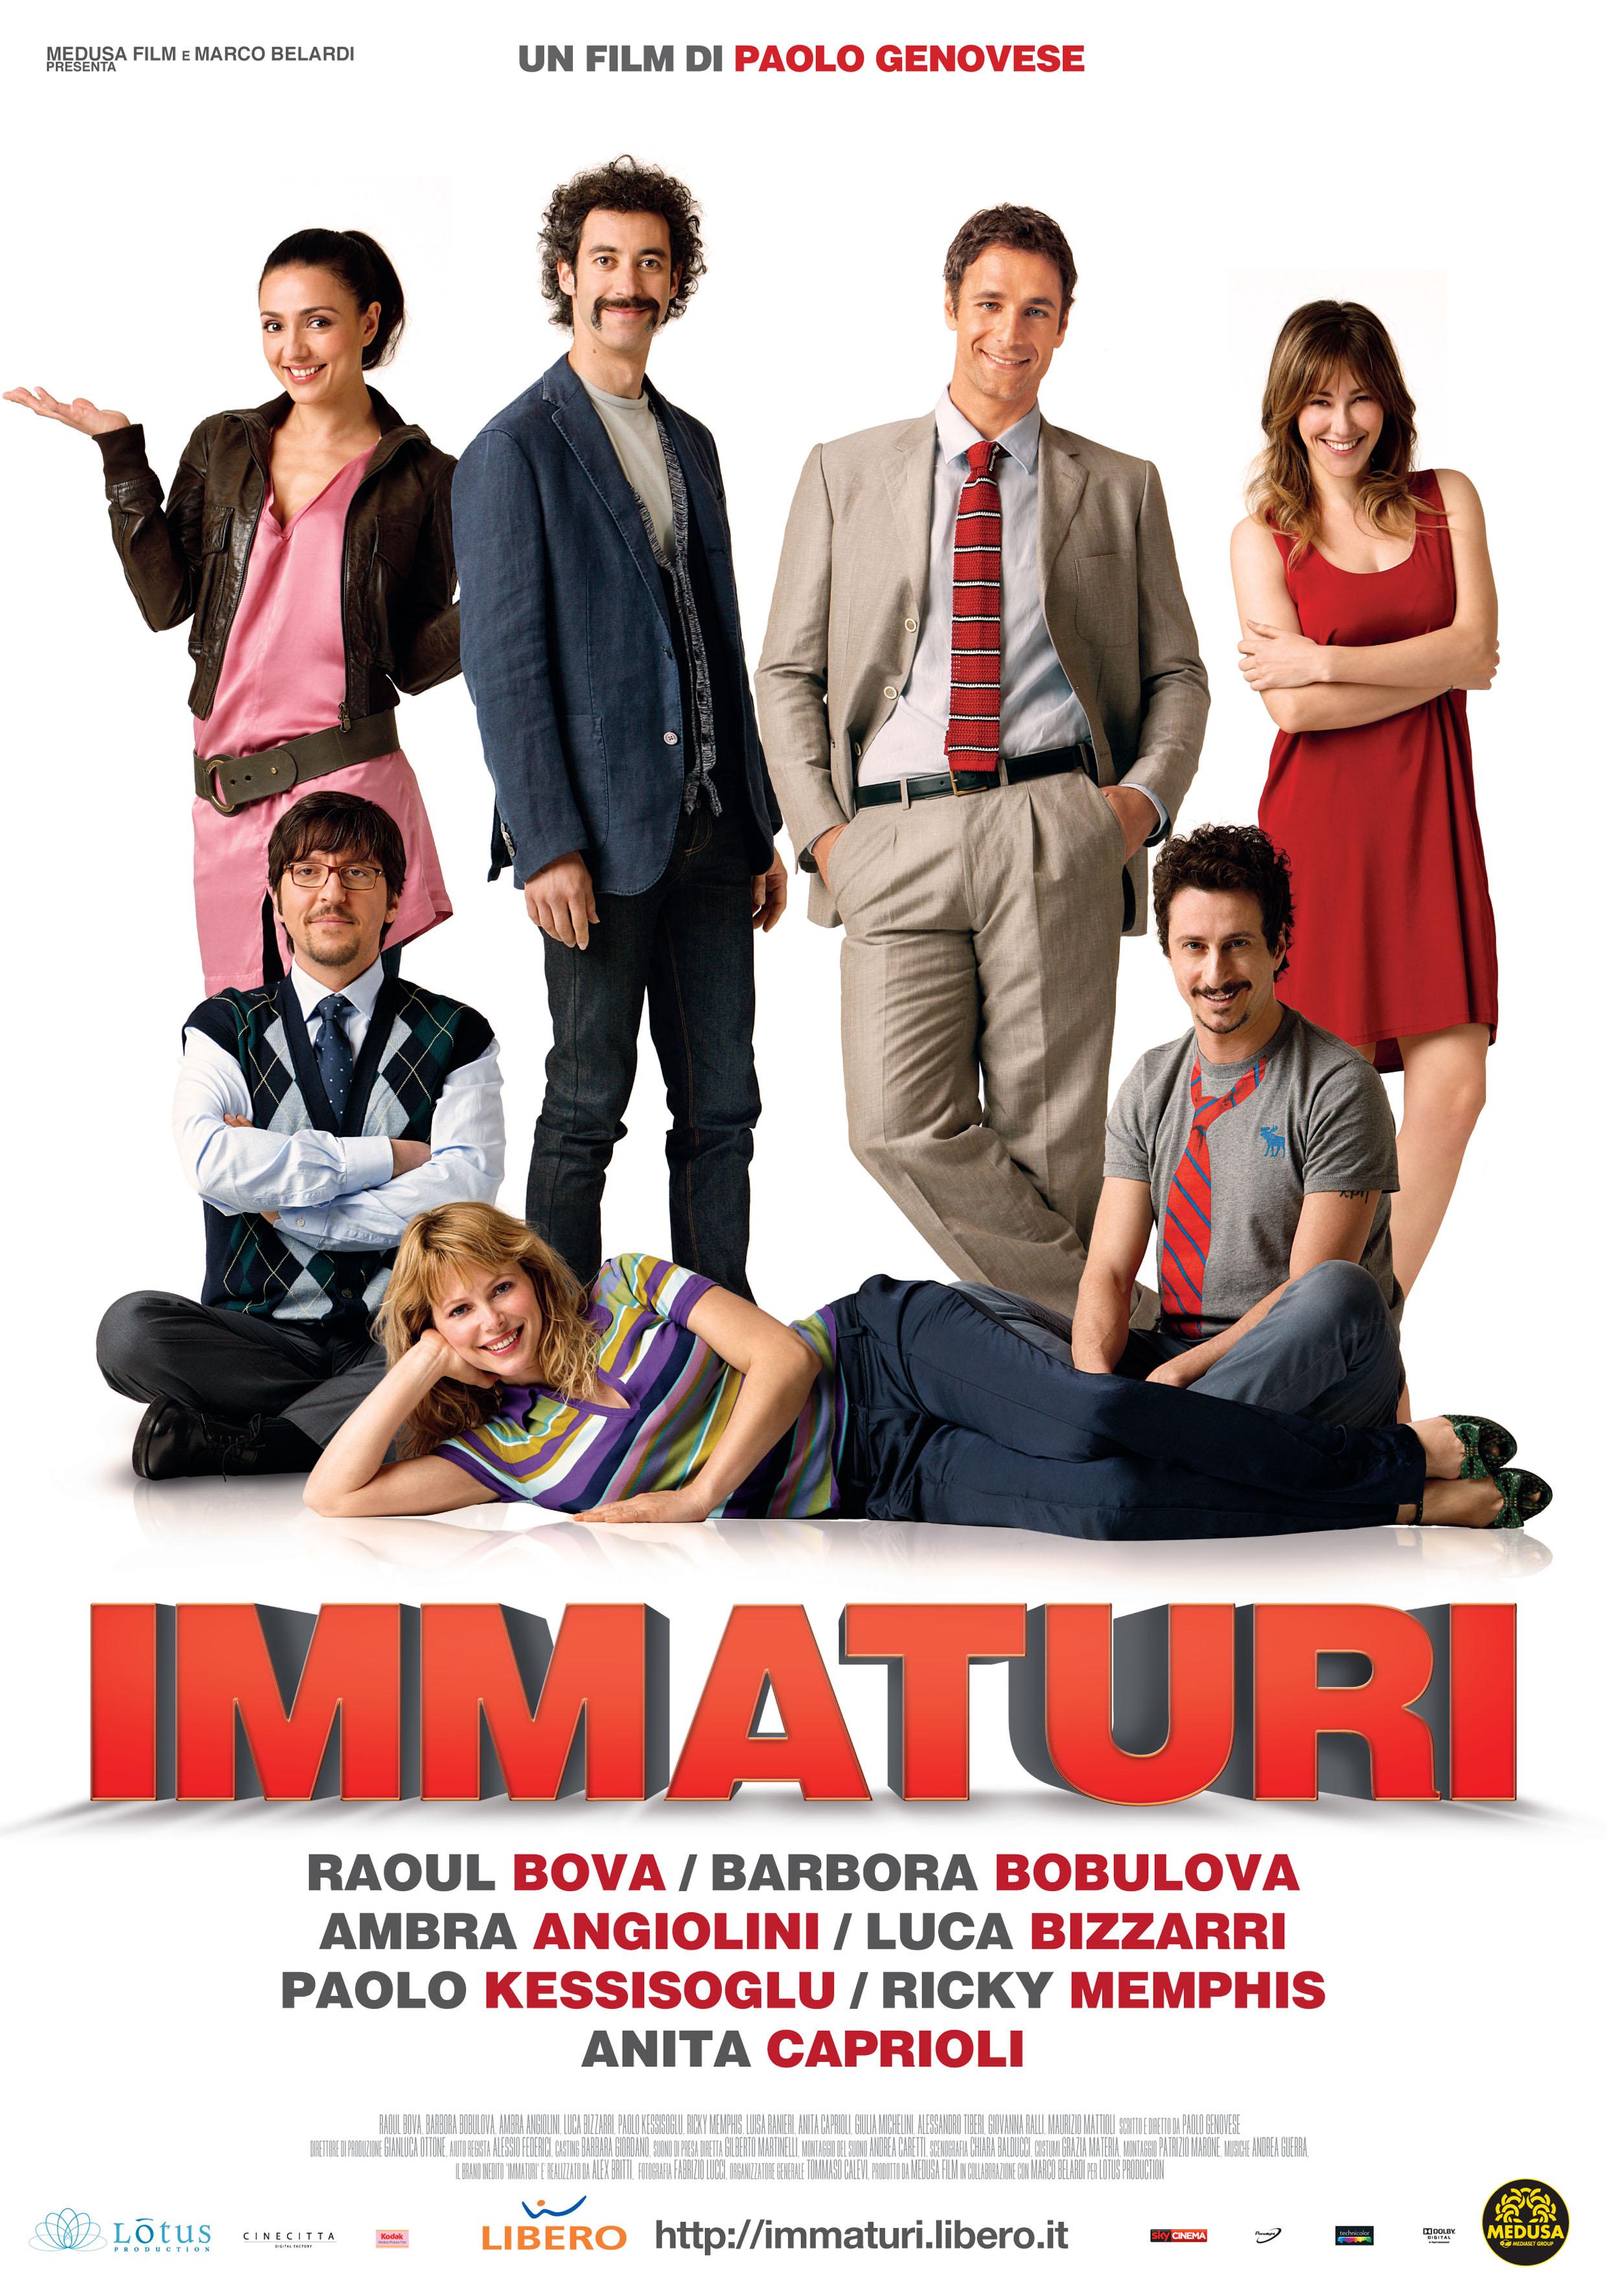 Immaturi film